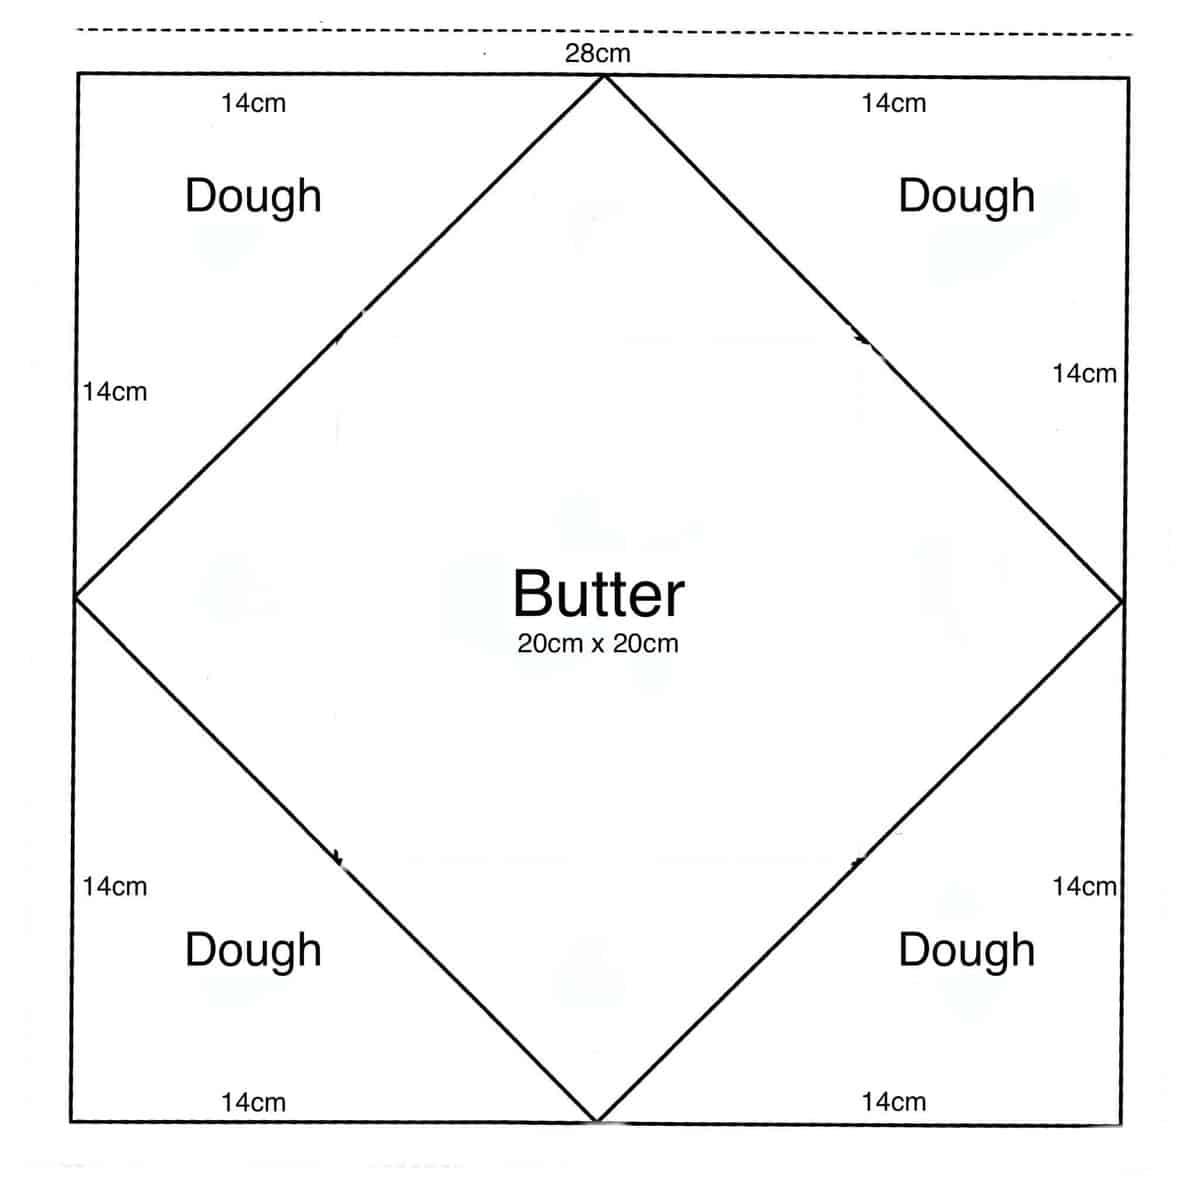 Butter dough graph